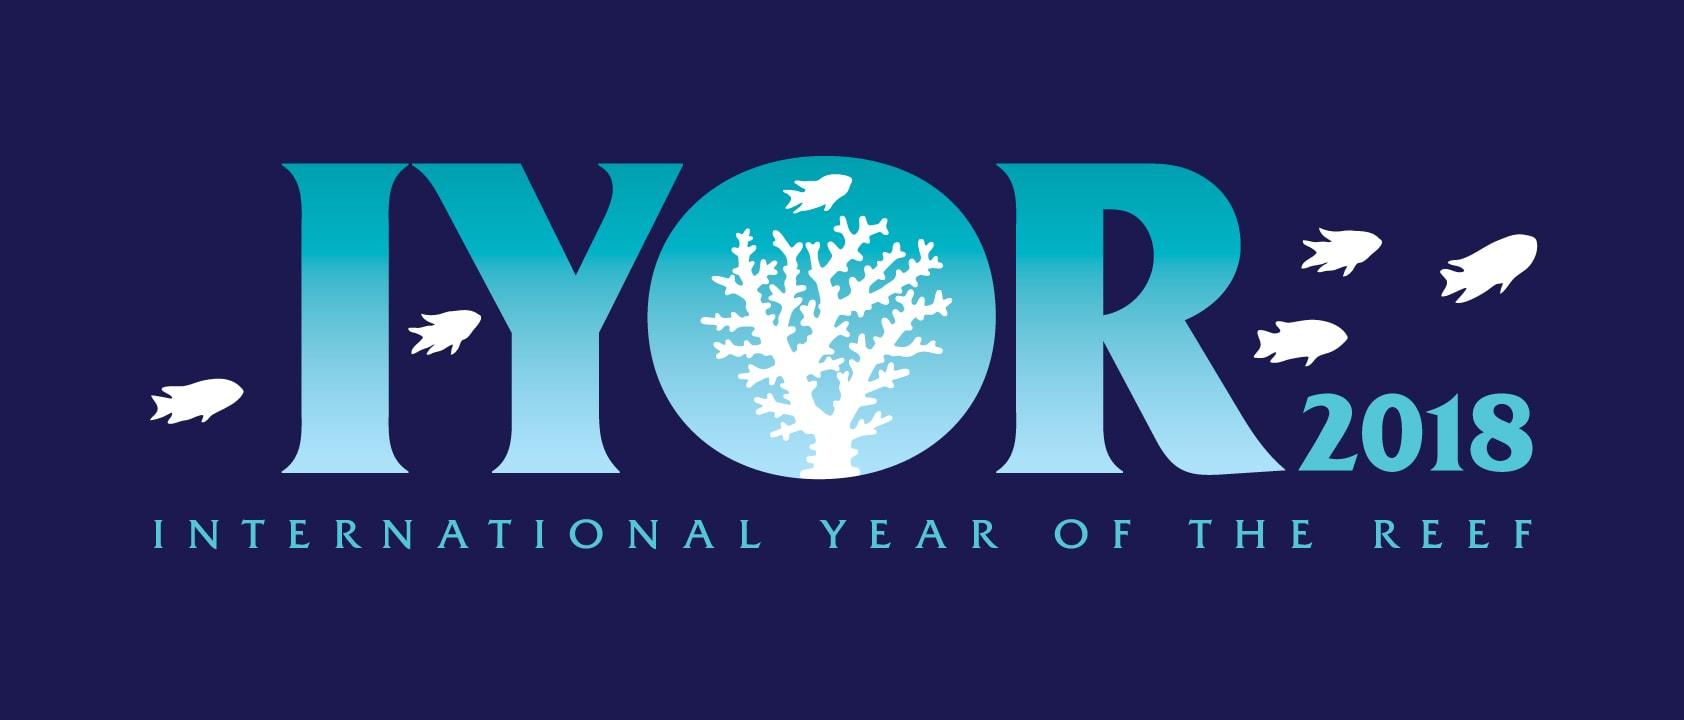 国際サンゴ礁年2018オフィシャルサポーター